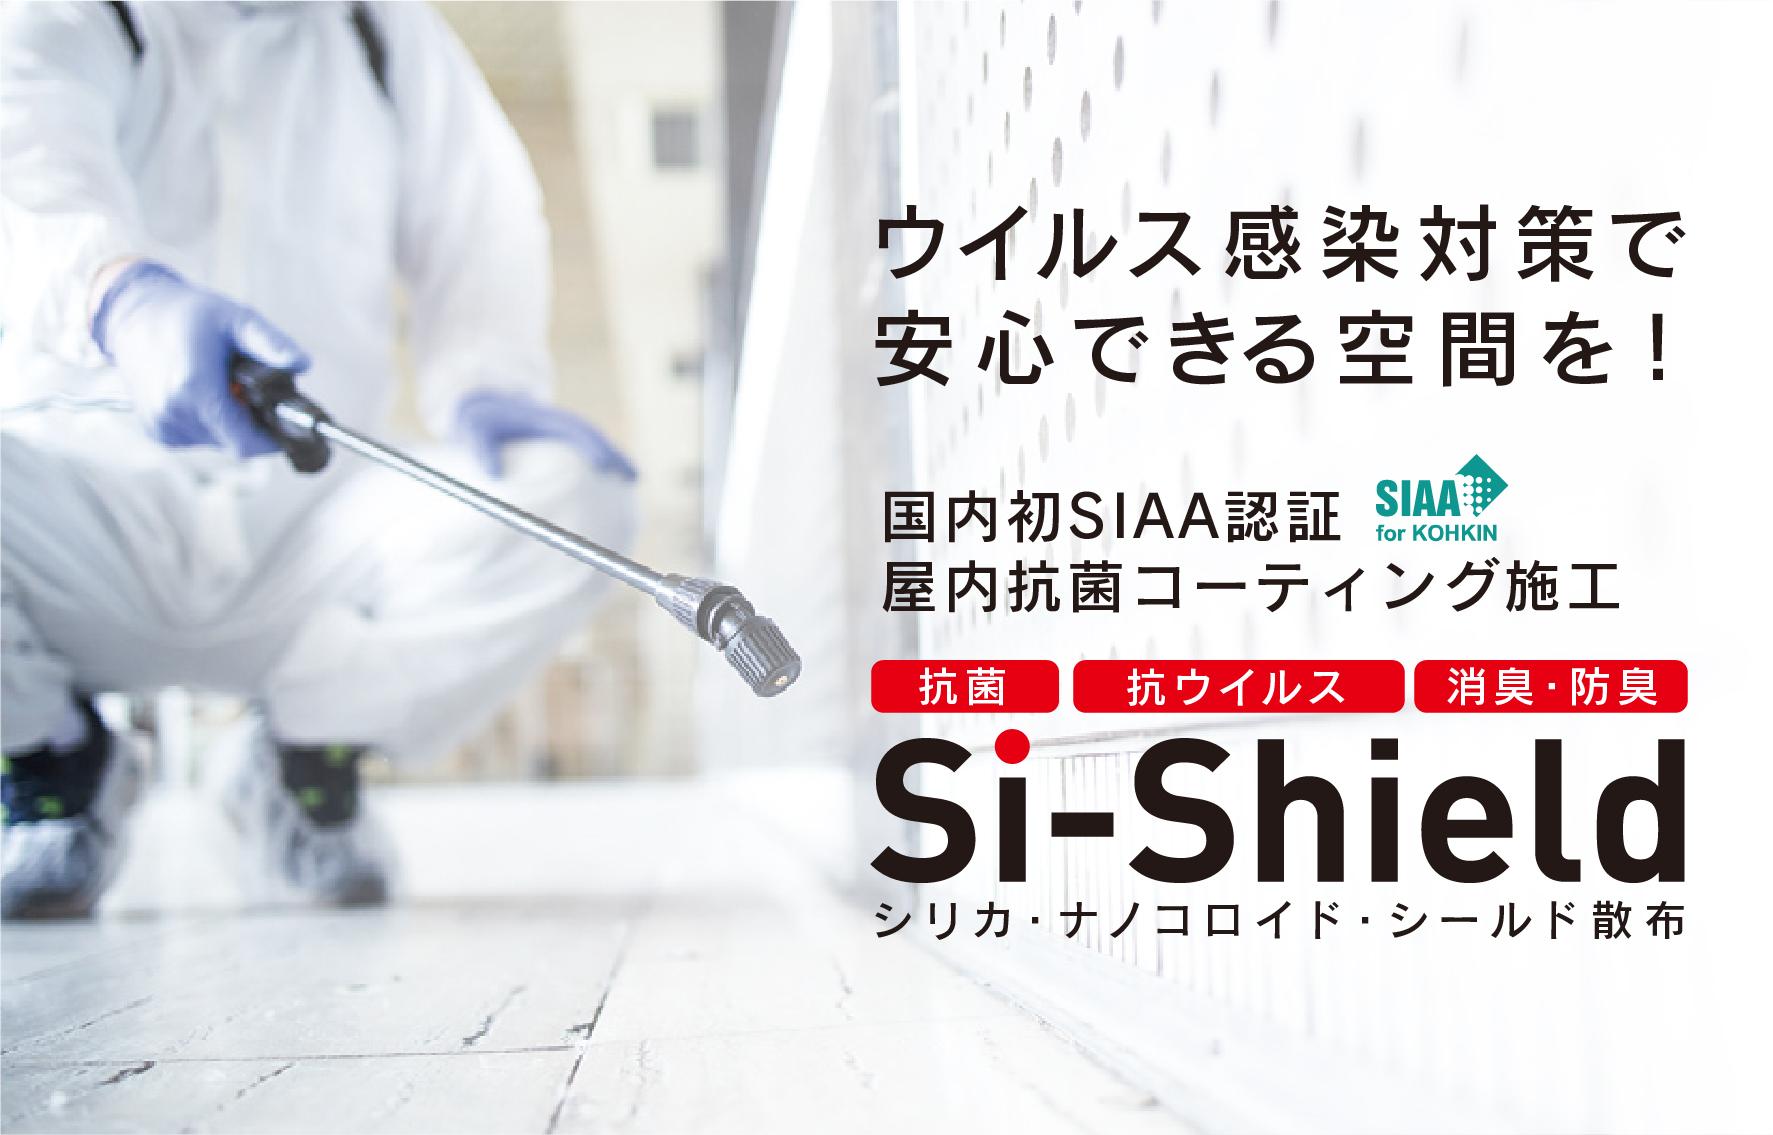 抗菌コーティング「Si-Shield」のトップアイキャッチ画像